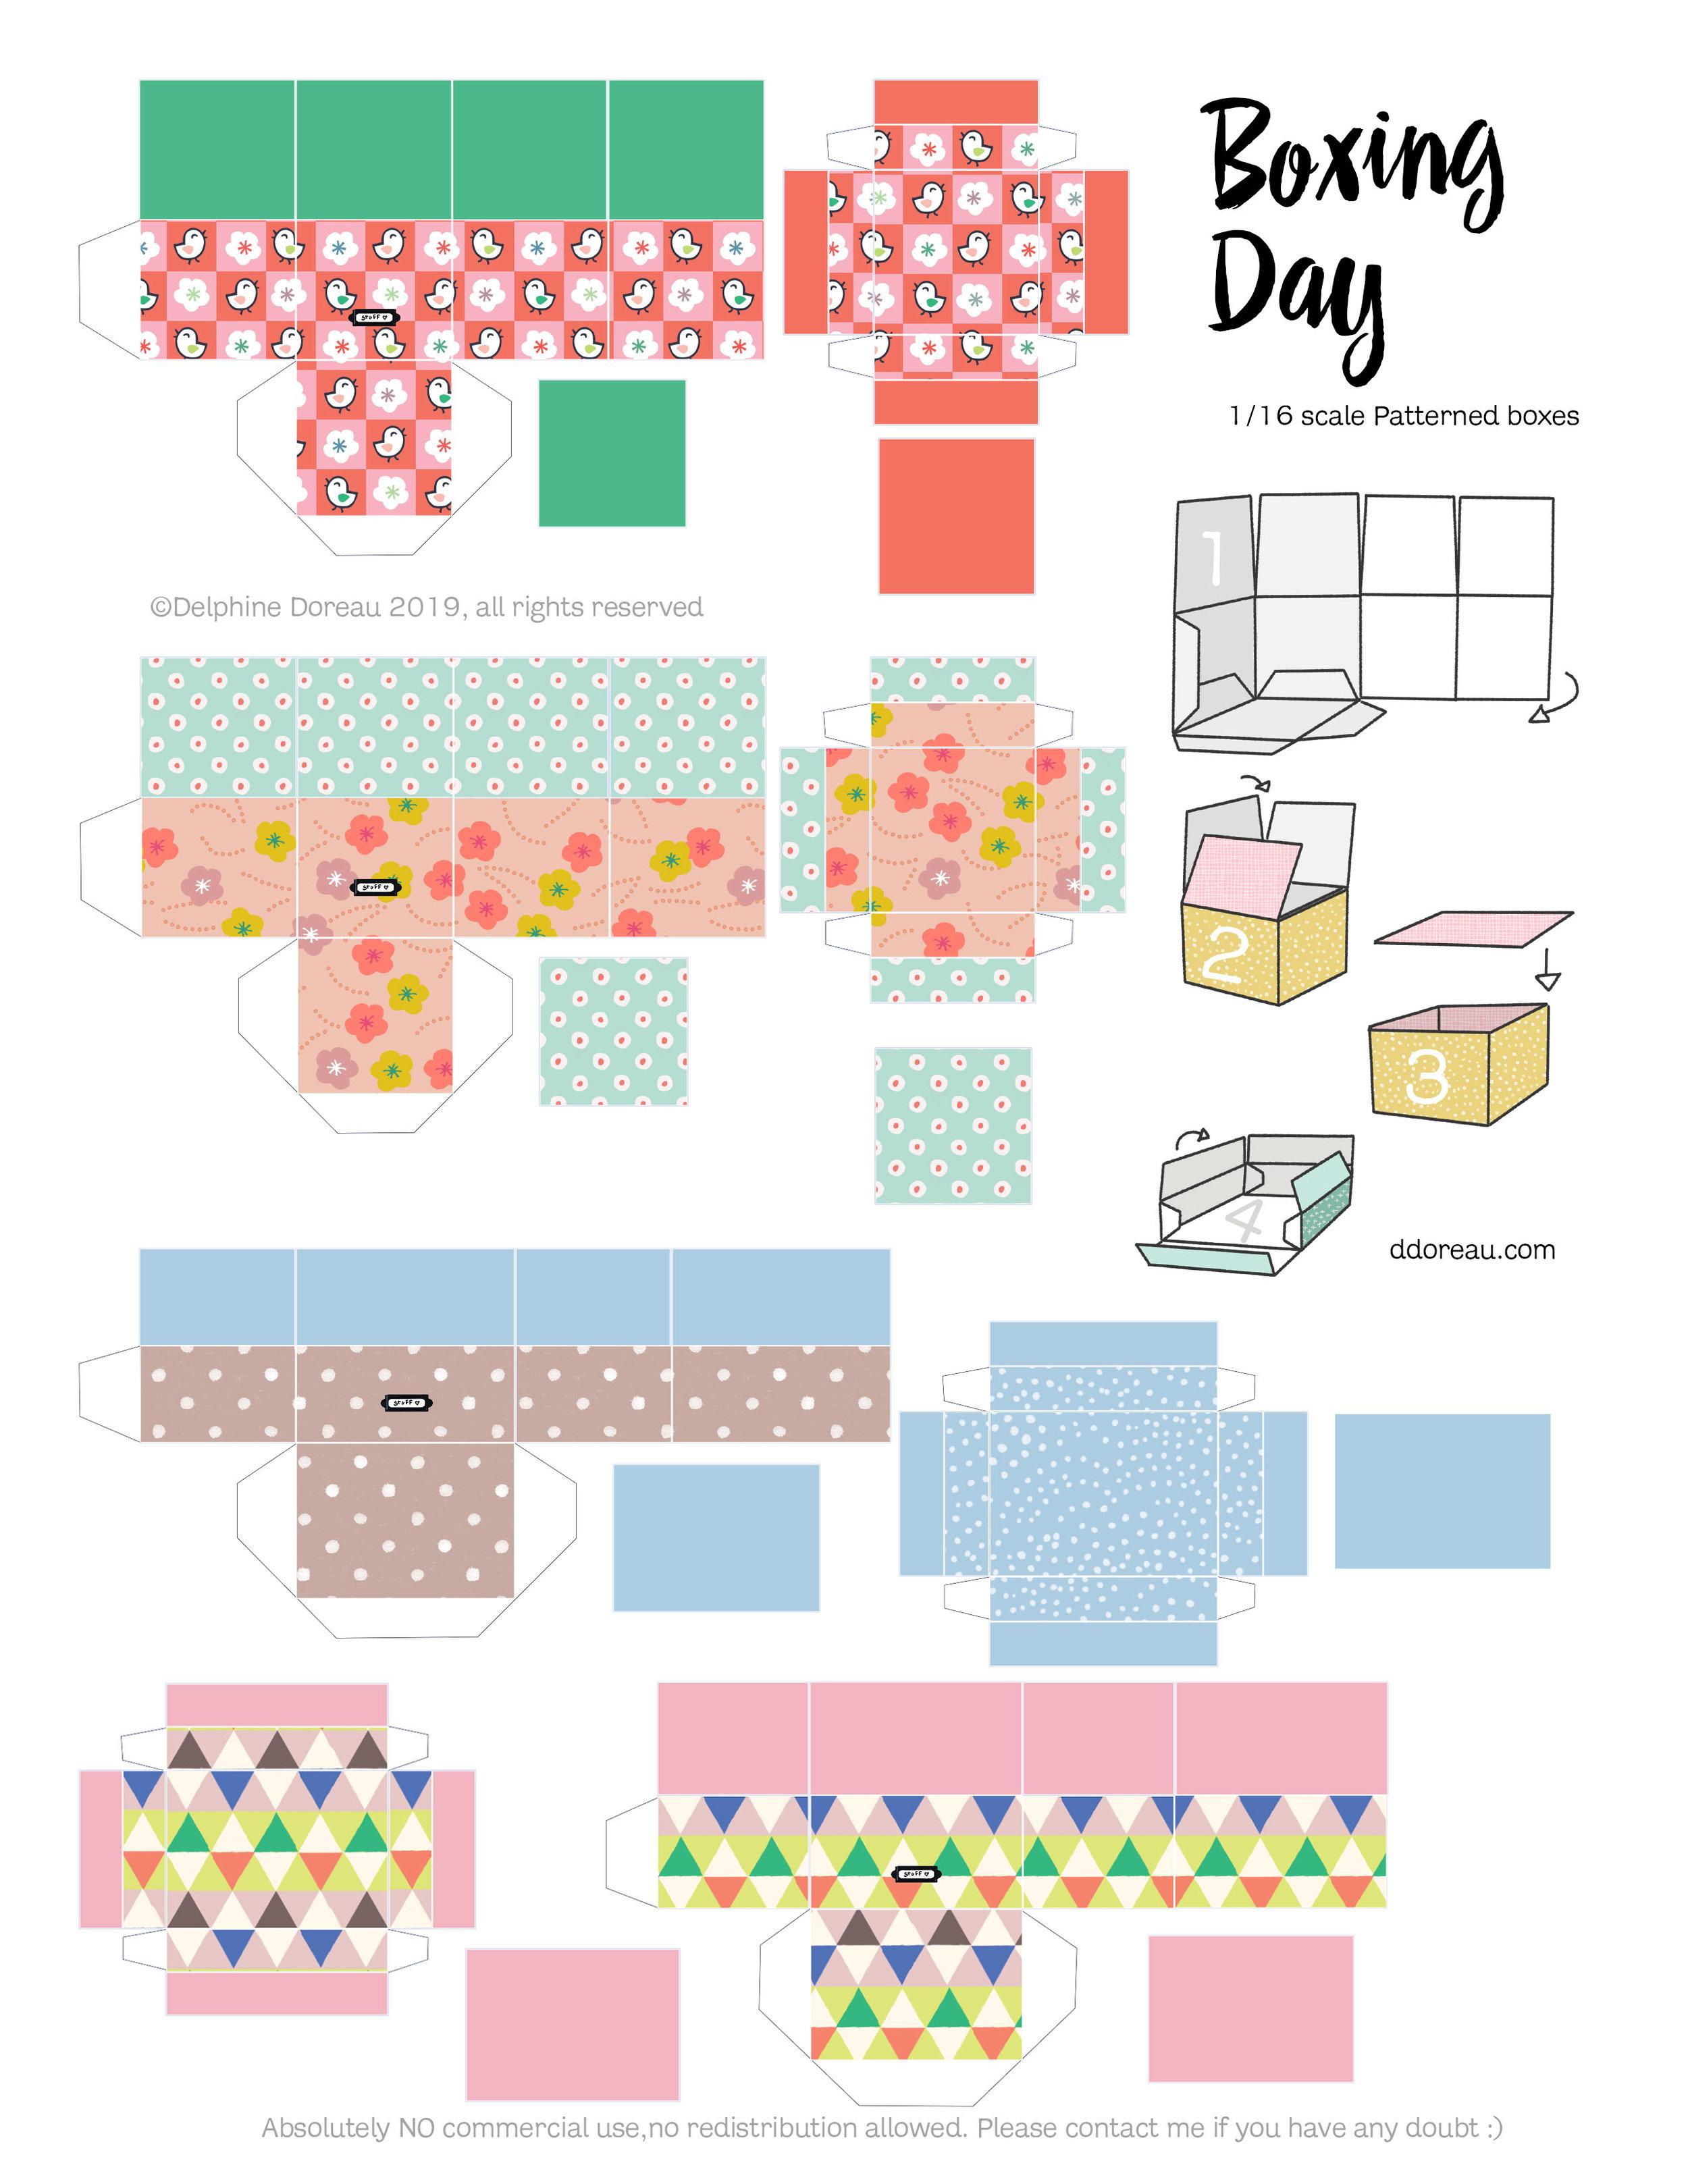 boxes_del4yo.jpg